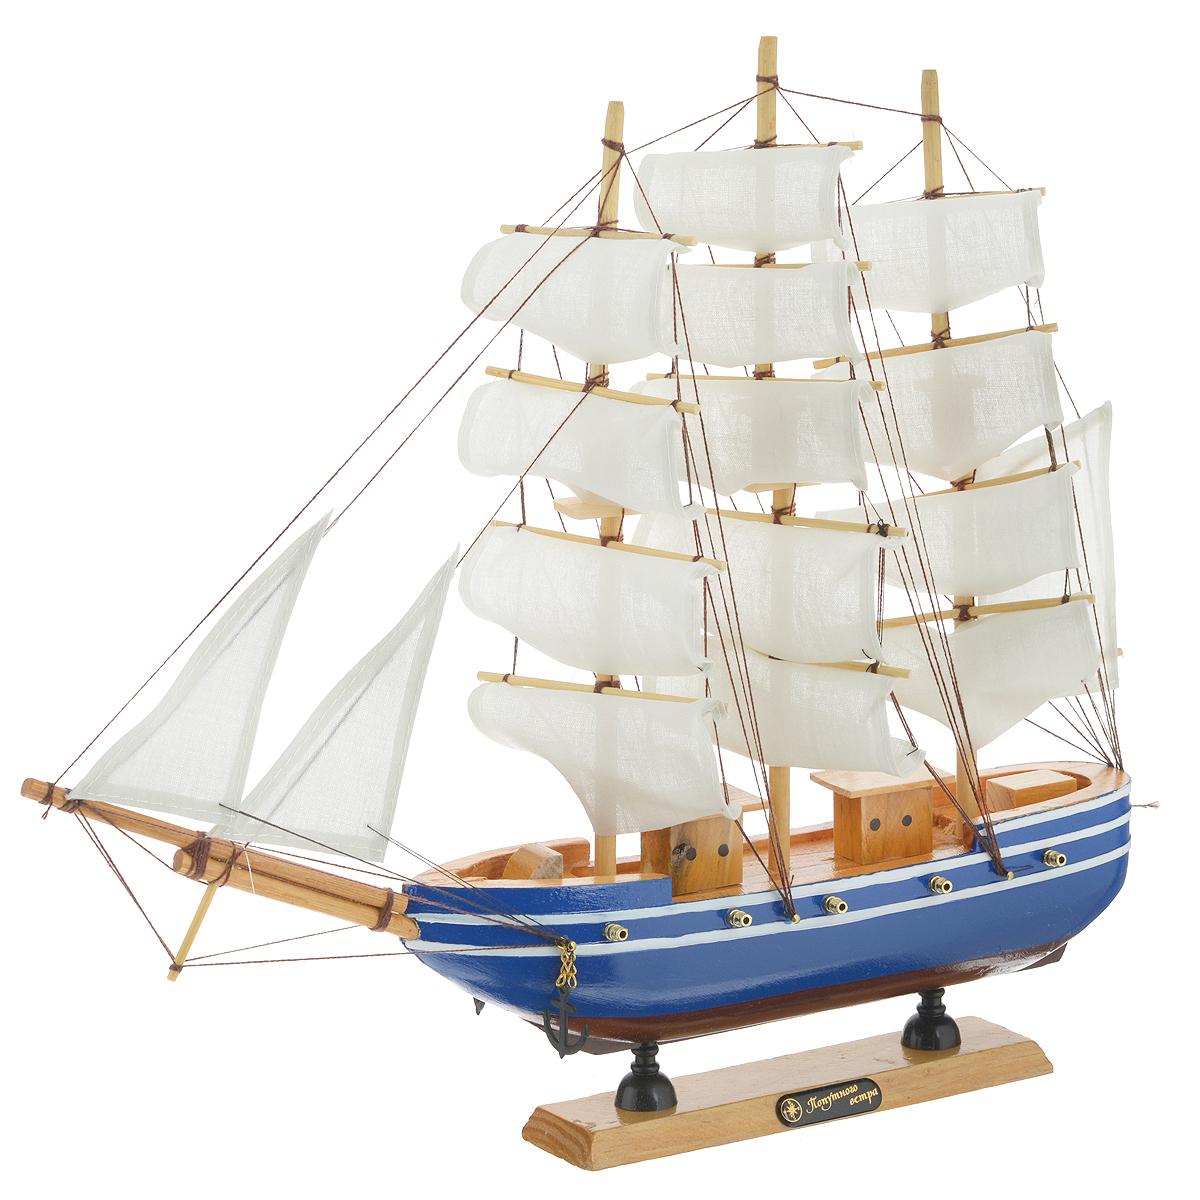 Корабль сувенирный Попутного ветра, длина 41 см. 56419312723Сувенирный корабль Попутного ветра, изготовленный из дерева и текстиля, это великолепный элемент декора рабочей зоны в офисе или кабинете. Корабль с парусами помещен на деревянную подставку. Время идет, и мы становимся свидетелями развития технического прогресса, новых учений и практик. Но одно не подвластно времени - это любовь человека к морю и кораблям. Сувенирный корабль наполнен историей и силой океанских вод. Данная модель кораблика станет отличным подарком для всех любителей морей, поклонников историй о покорении океанов и неизведанных земель. Модель корабля - подарок со смыслом. Издавна на Руси считалось, что корабли приносят удачу и везение. Поэтому их изображения, фигурки и точные копии всегда присутствовали в помещениях. Удивите себя и своих близких необычным презентом.